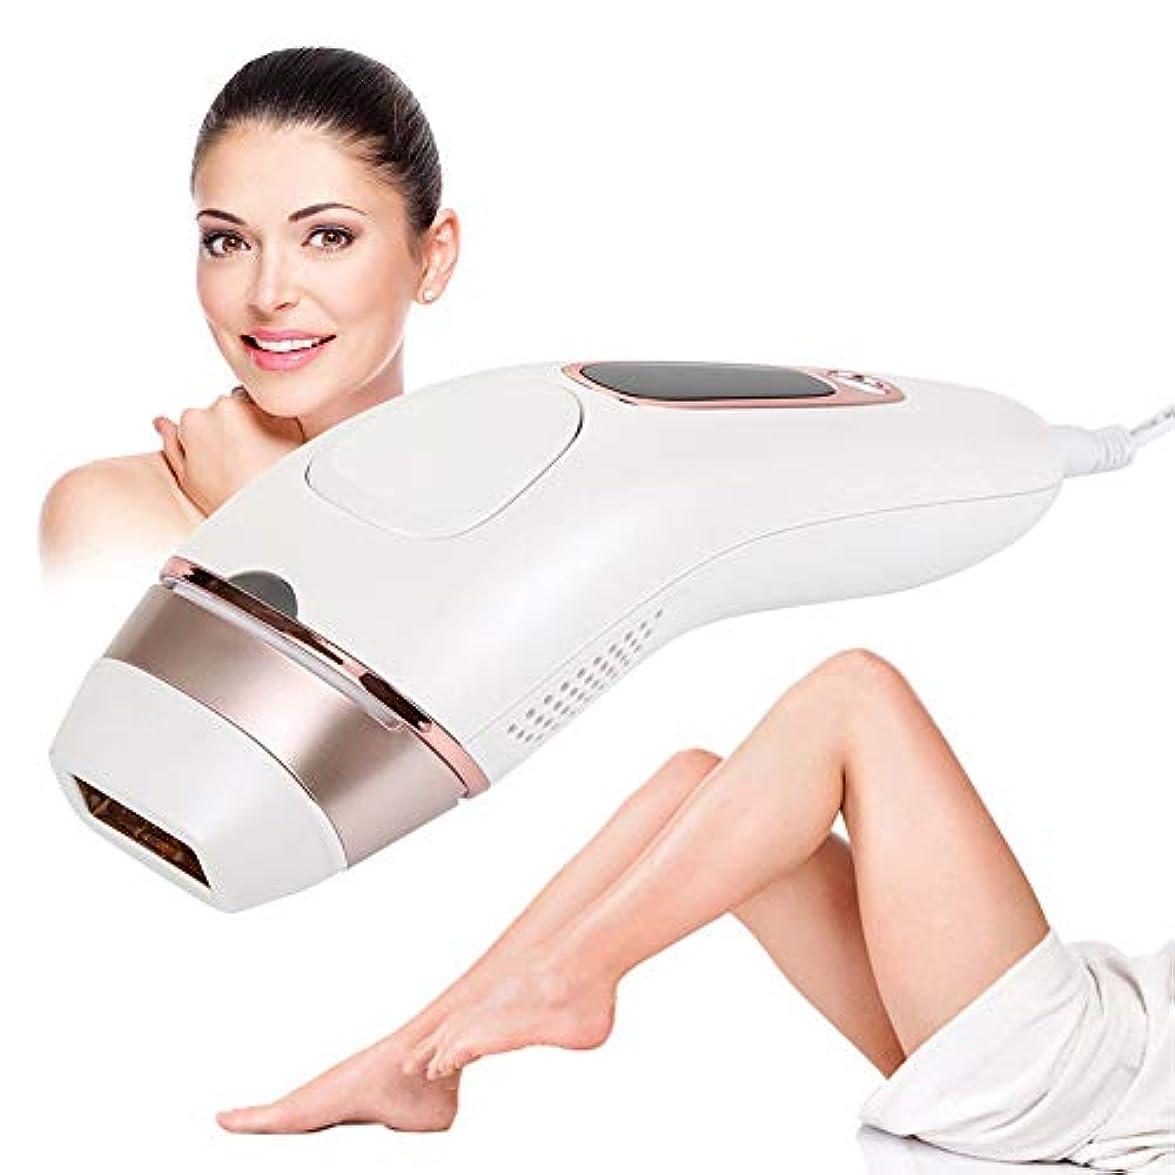 反動言及する減る脱毛装置、家庭用フェイス&ボディビキニゾーン&脇の下、500,000フラッシュのためのIpL痛みのない永久的なボディヘアリムーバーレーザー脱毛機